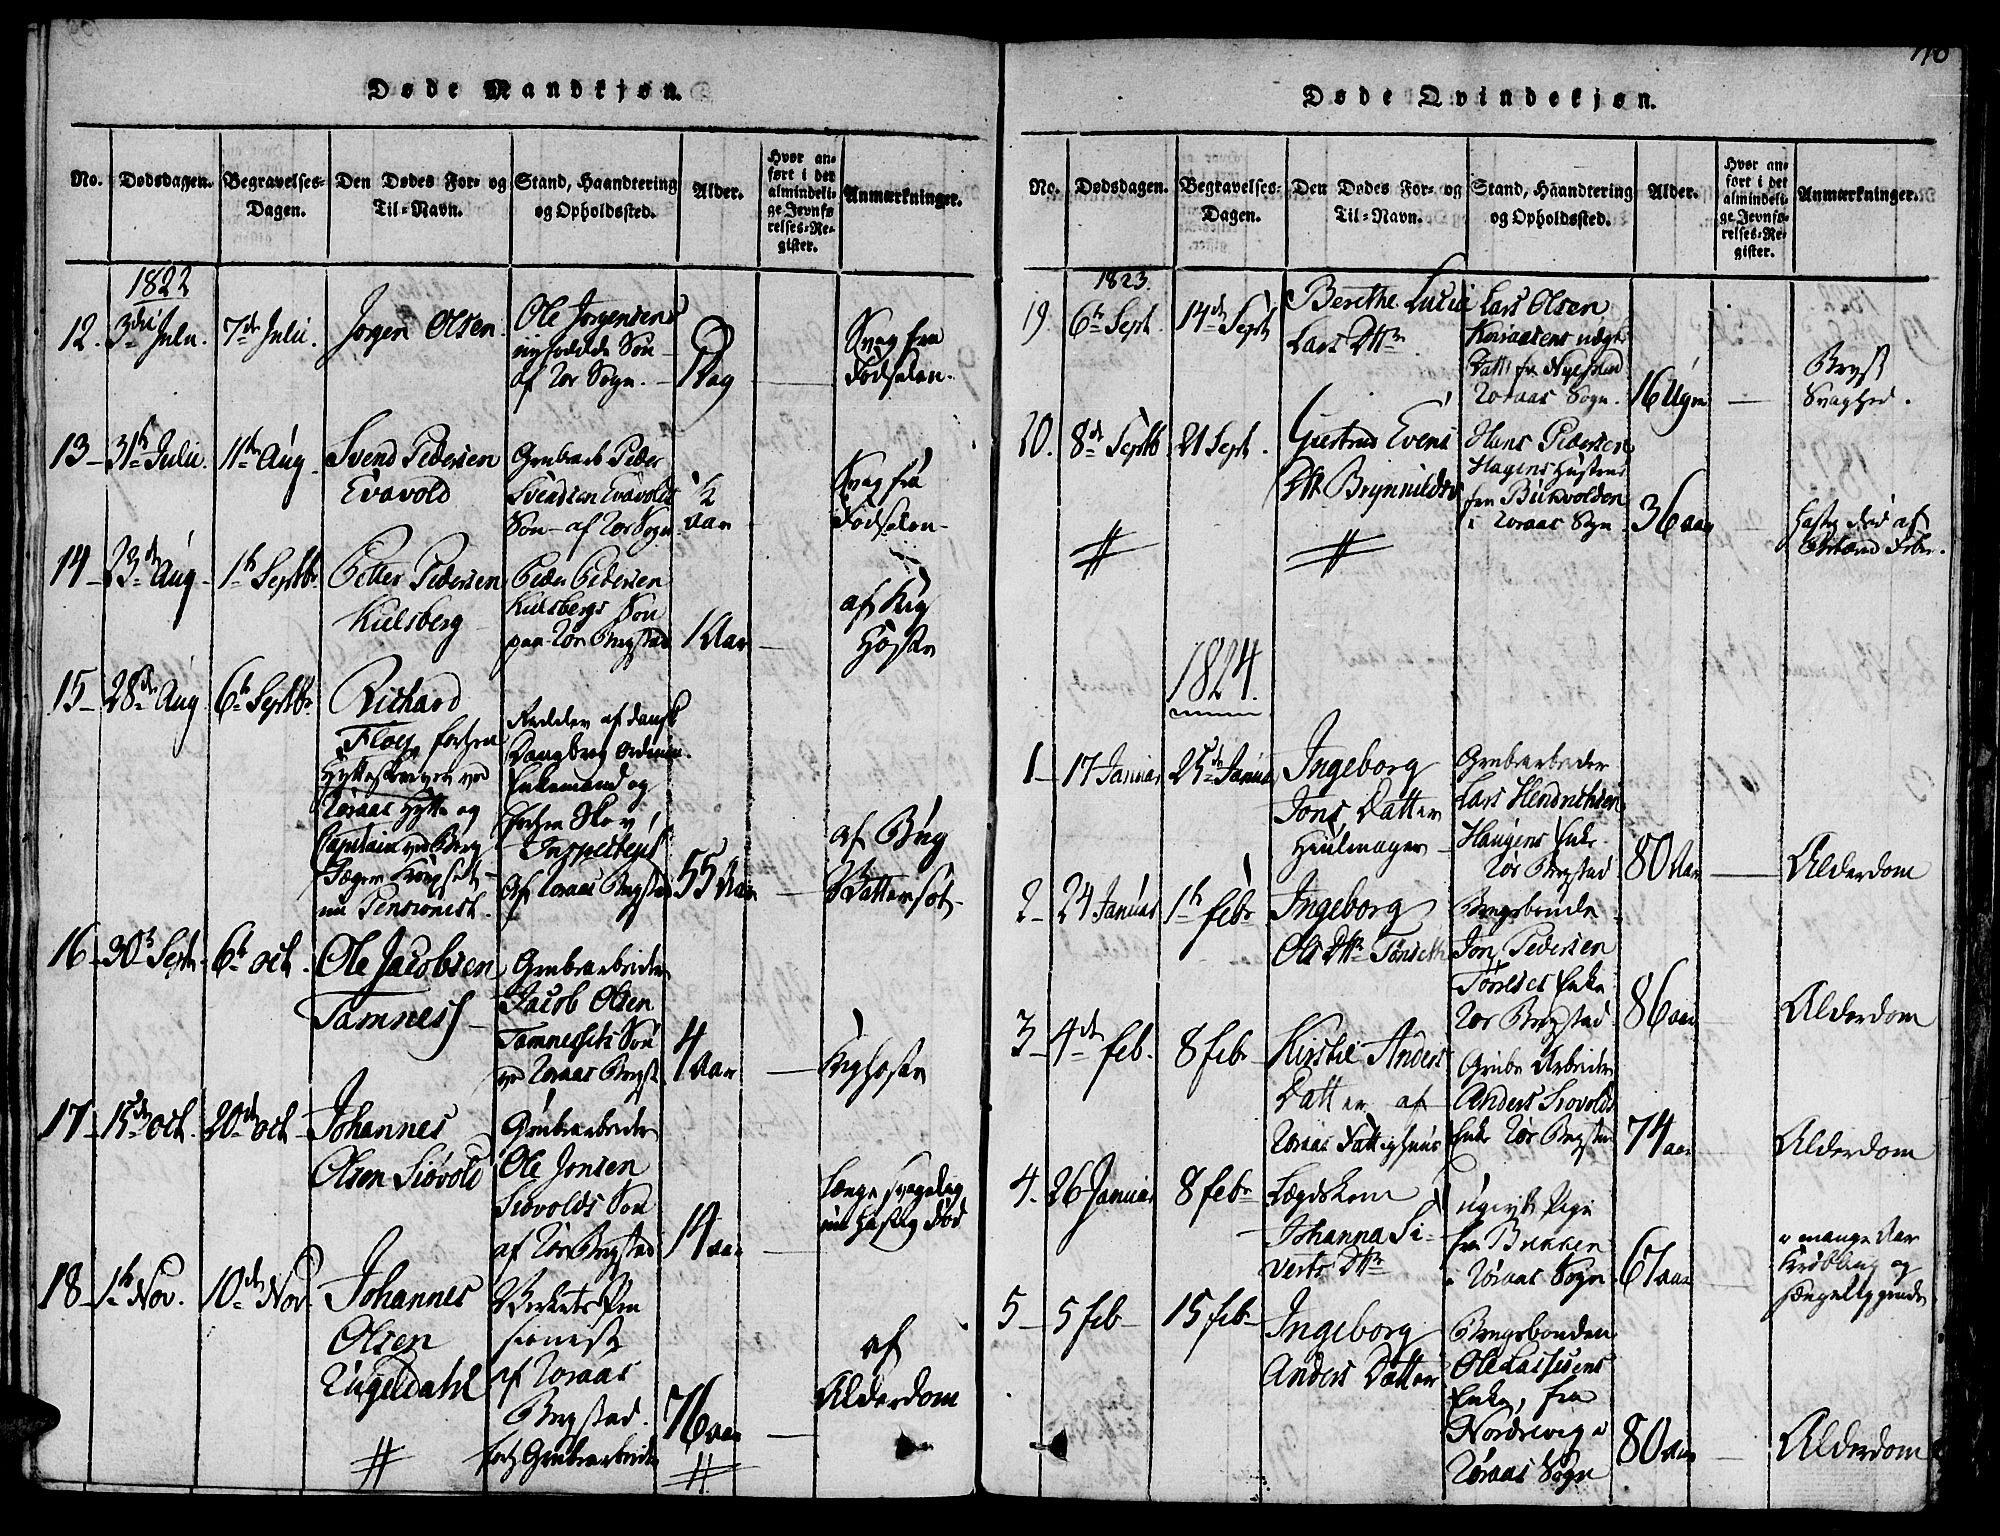 SAT, Ministerialprotokoller, klokkerbøker og fødselsregistre - Sør-Trøndelag, 681/L0929: Ministerialbok nr. 681A07, 1817-1828, s. 110